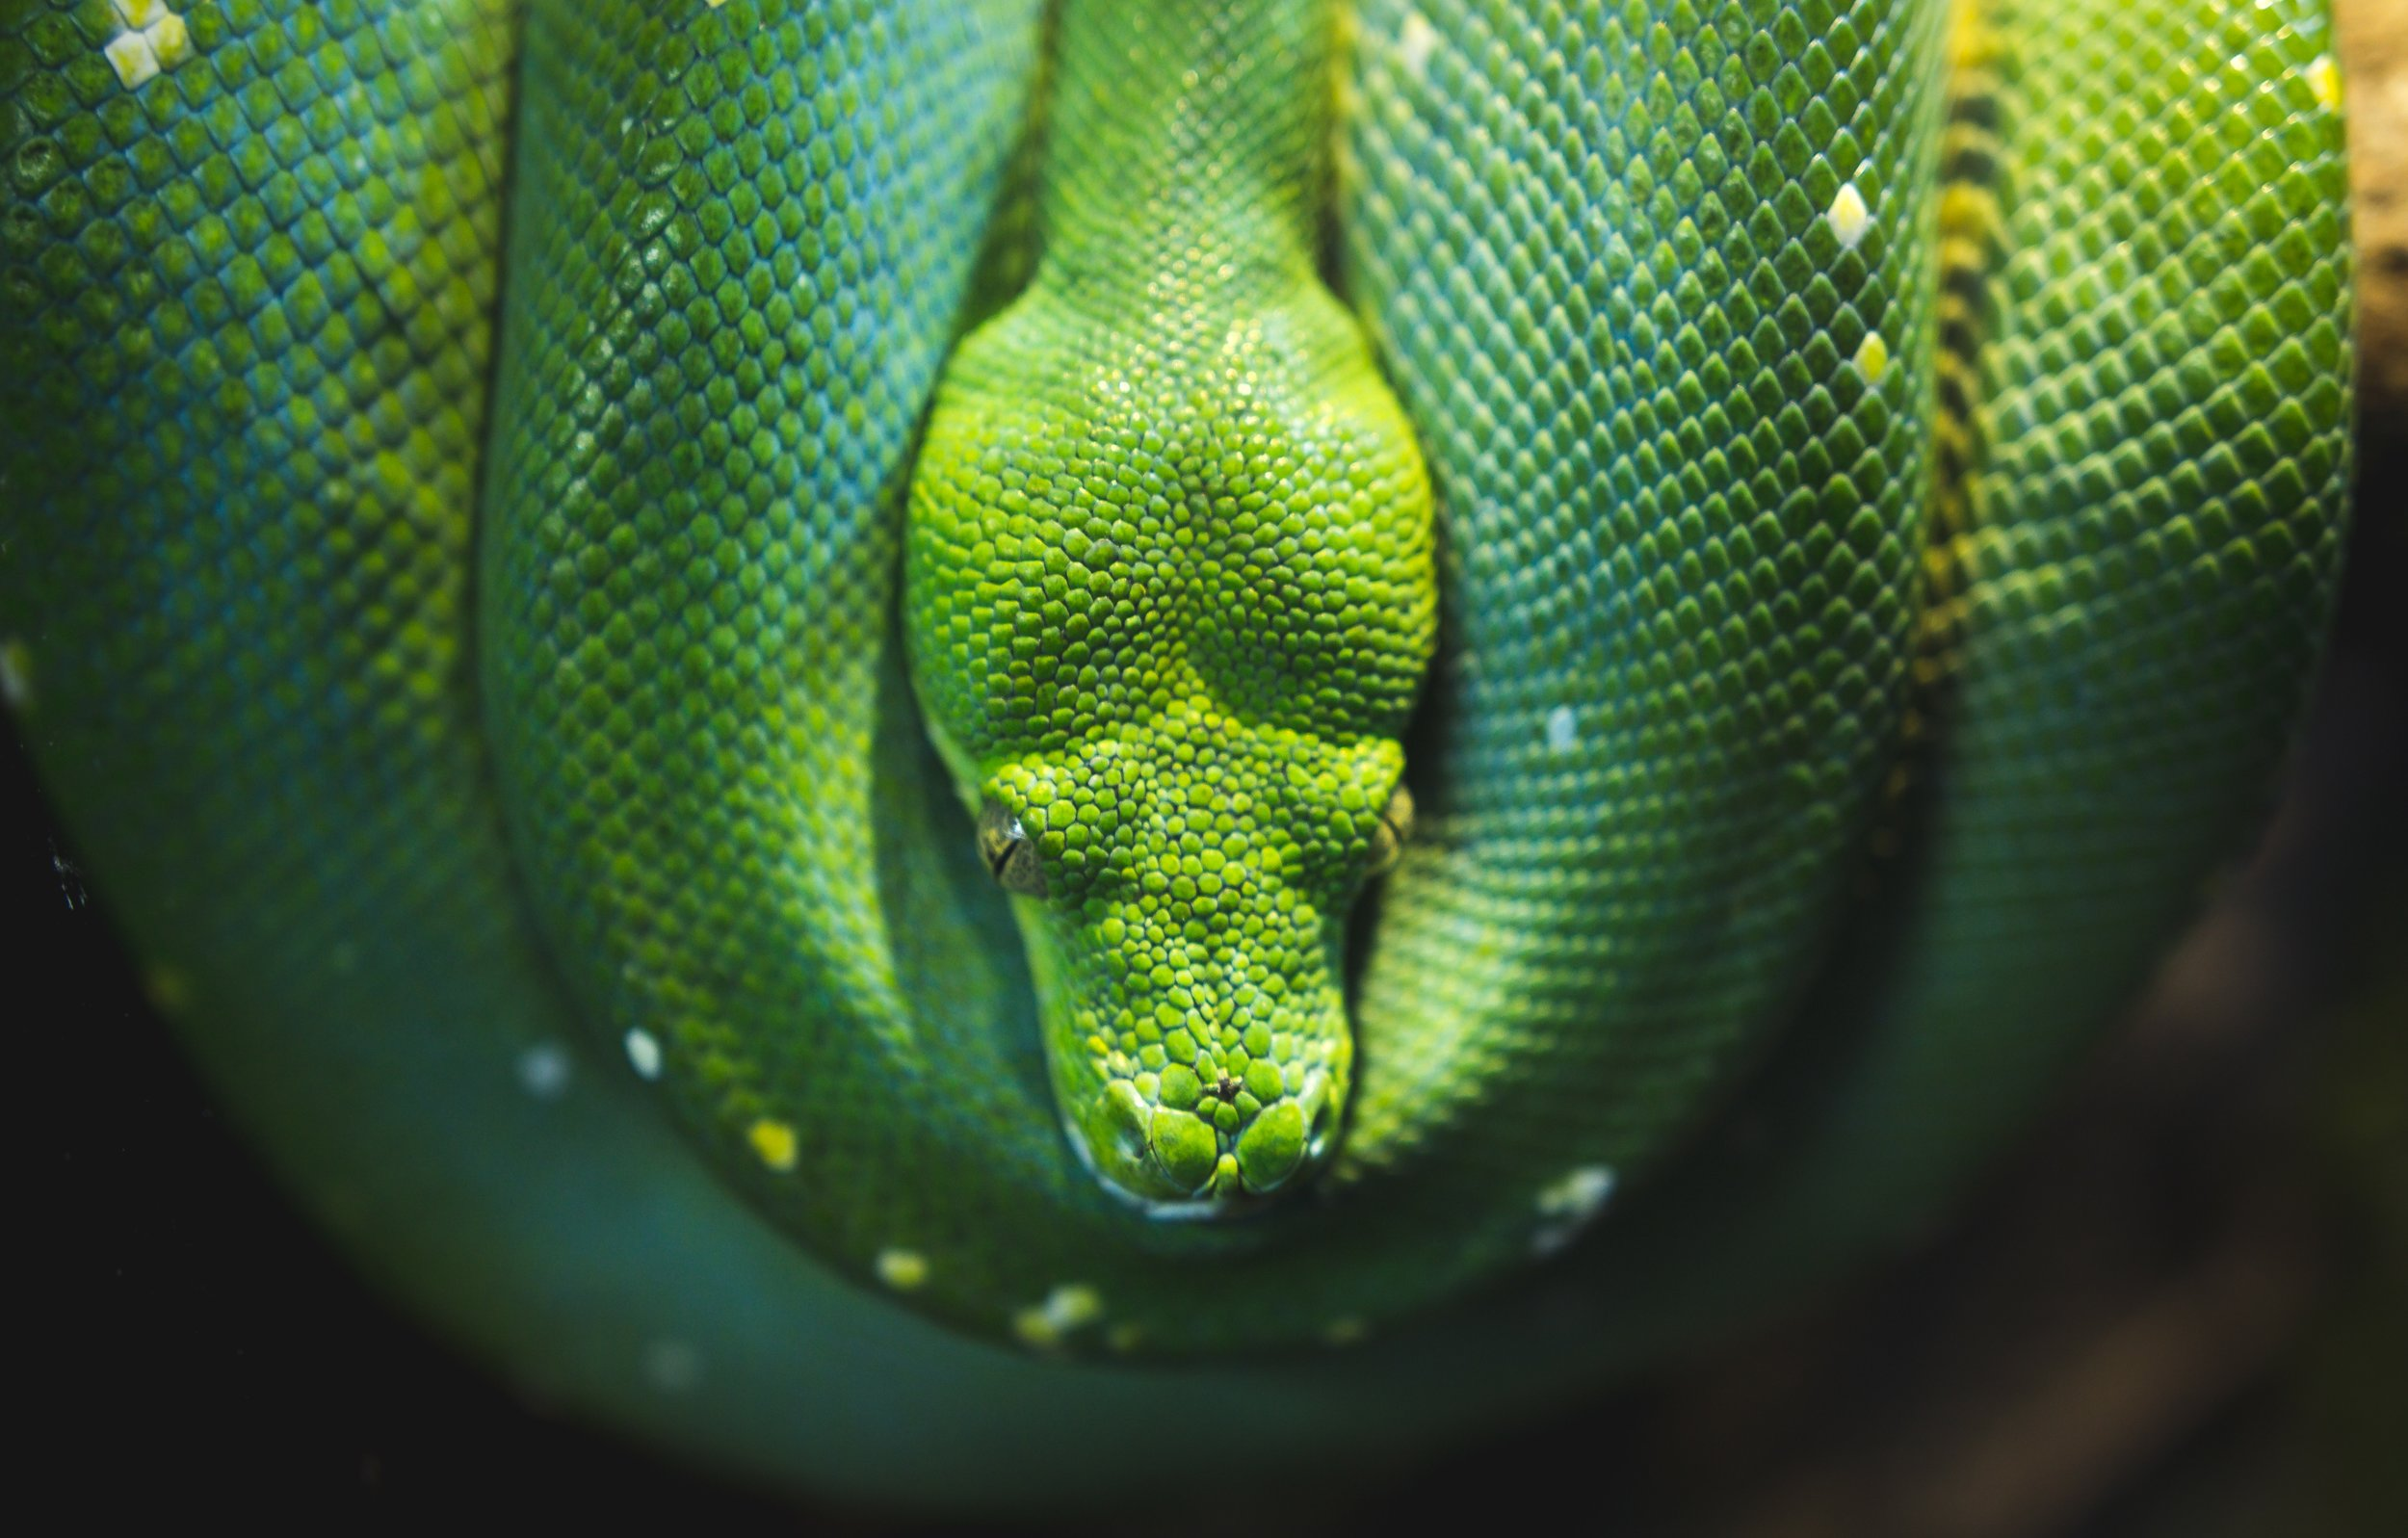 snake up close sebastian spindler Up cW.jpg